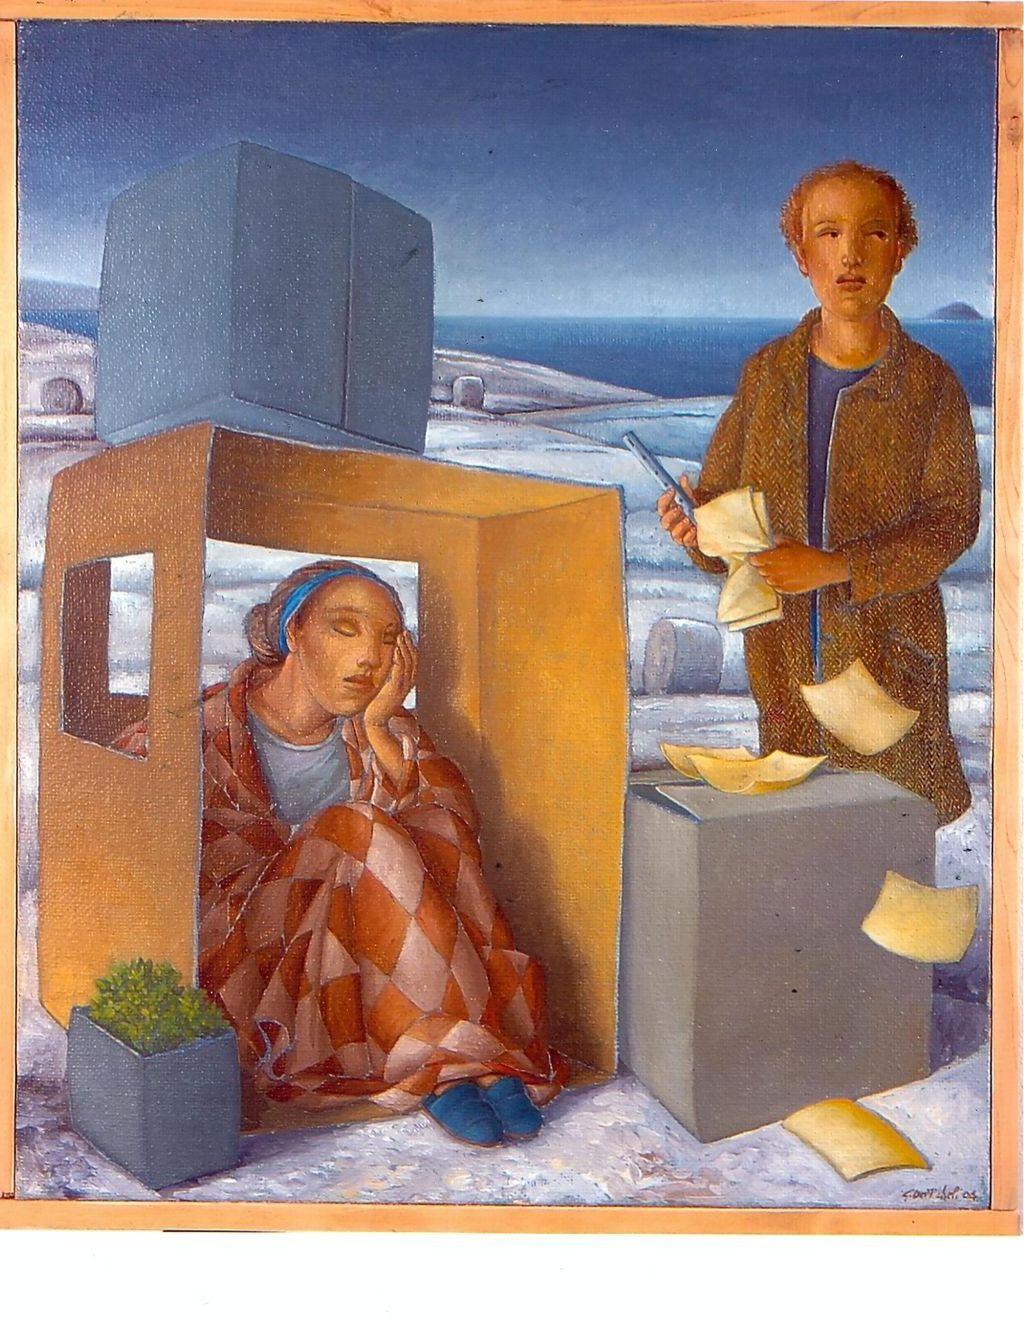 Alloggio invernale, una donna e un uomo si riparano dal freddo (dipinto) di De Micheli Giuseppe (sec. XXI)